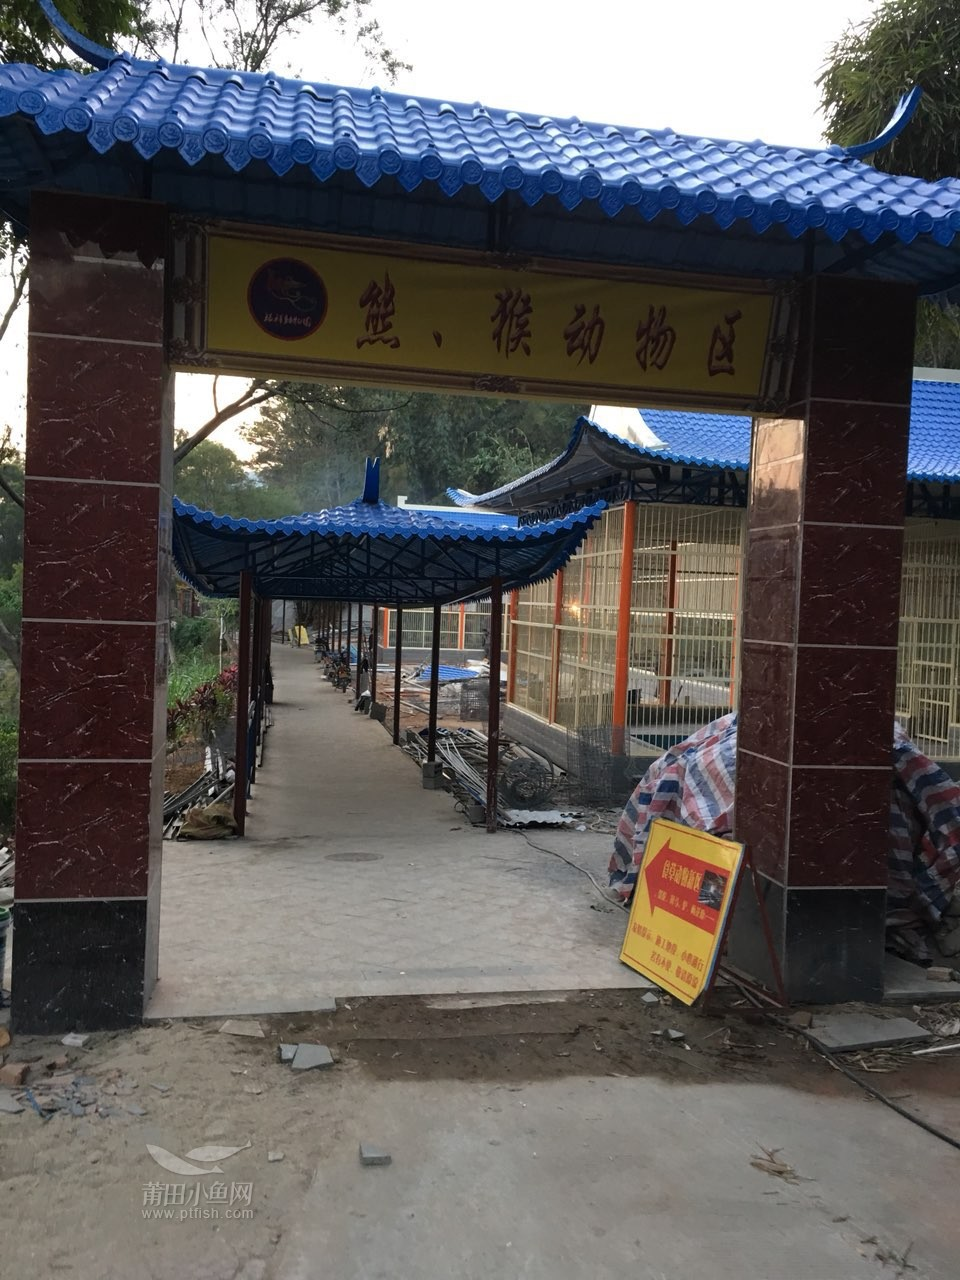 最近就别去凤凰山动物园了 各种修建